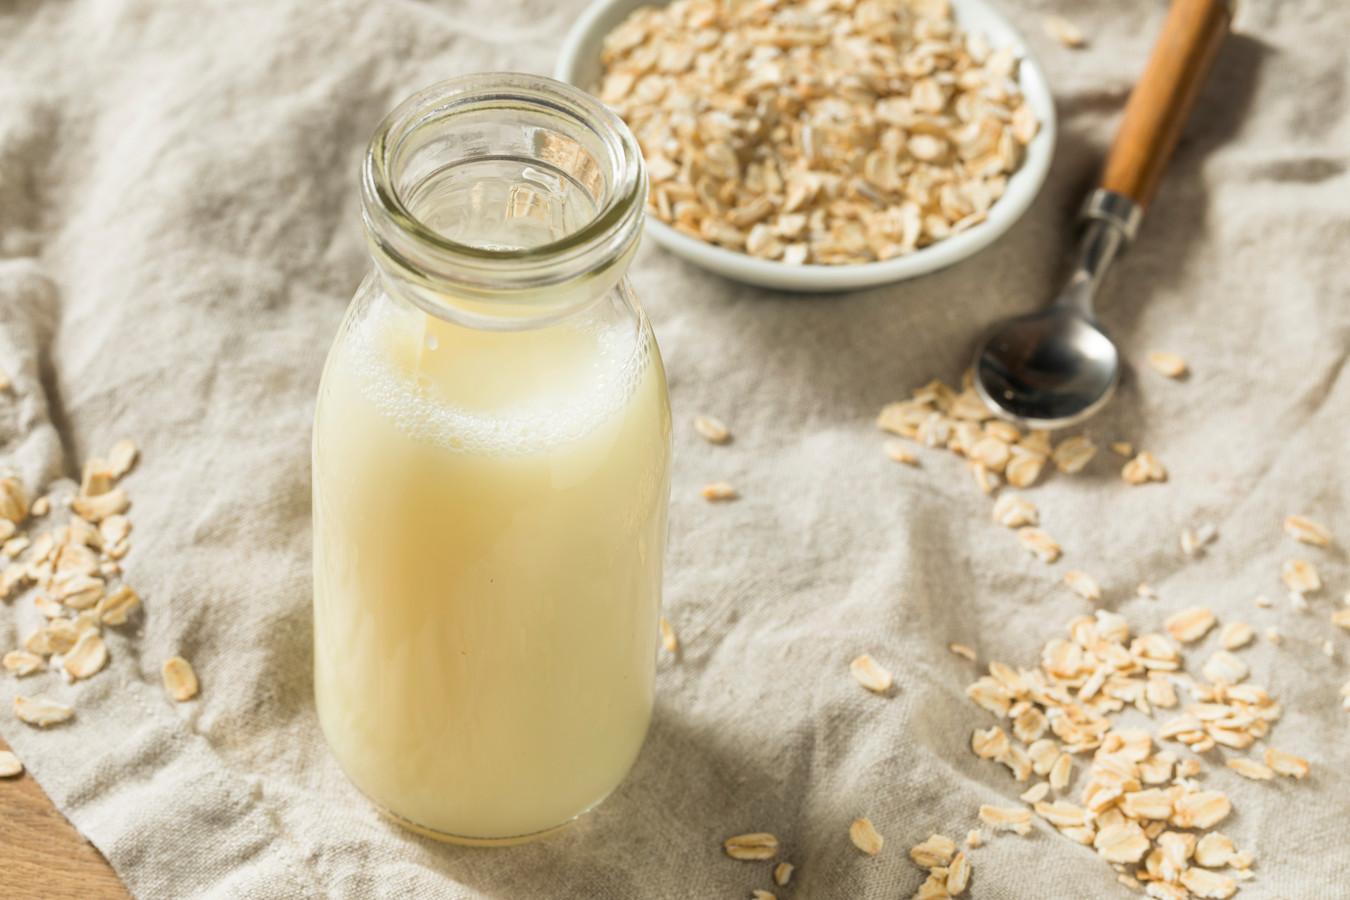 Havermelk is nu populairder dan sojamelk.